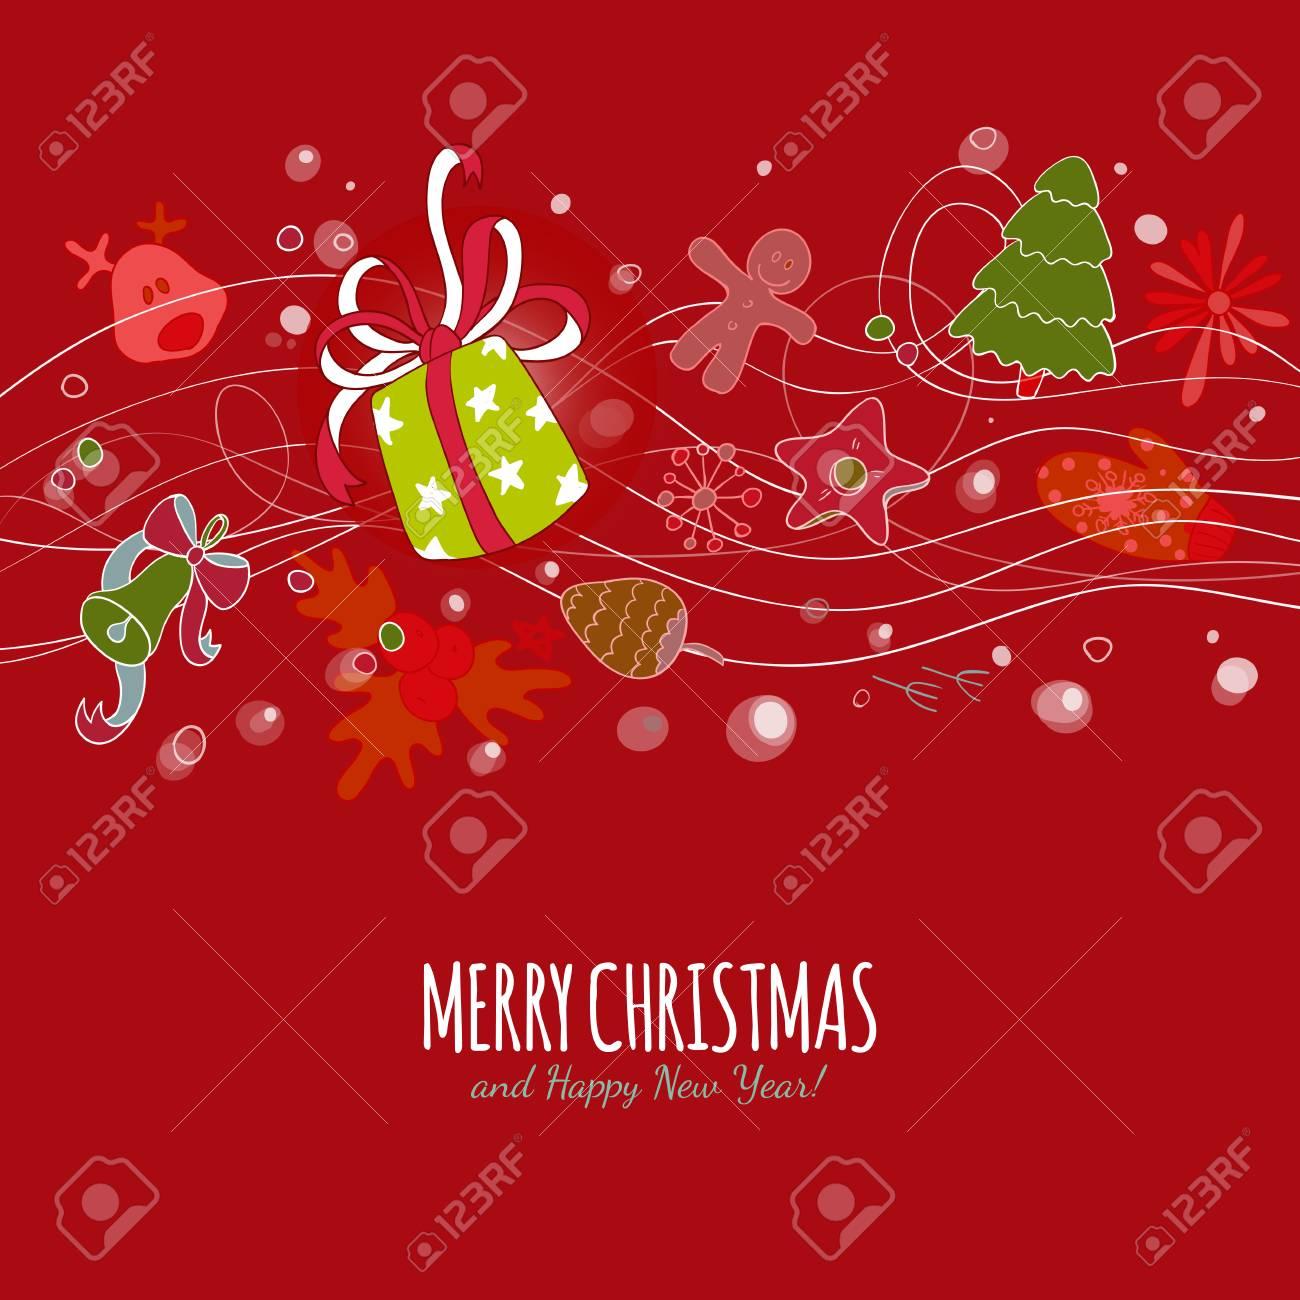 Vektor Frohe Weihnachten Zeichnung Hintergrund. Schöne Weihnachten ...